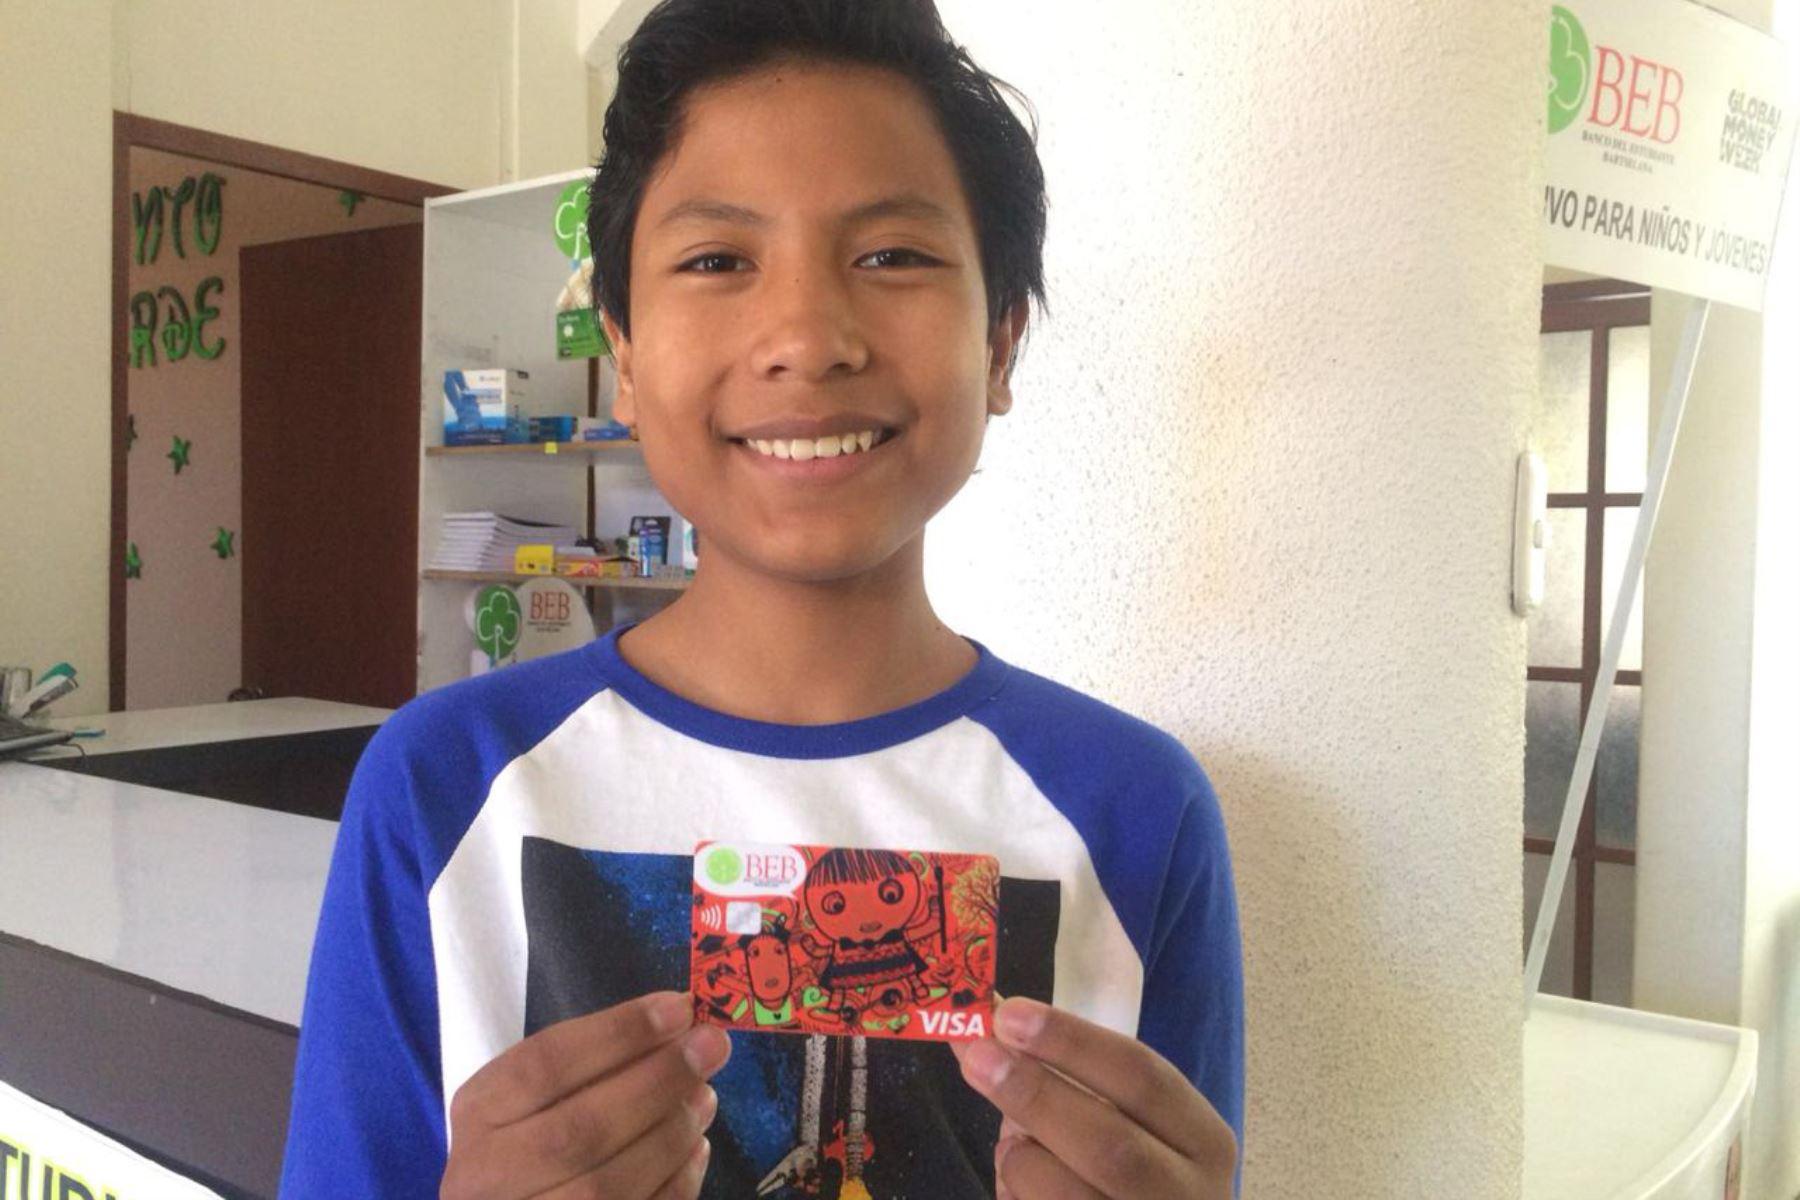 El escolar arequipeño José Quisocala (14) ya tiene el nuevo diseño de la tarjeta que será entregada en tres meses a los más de 3,500 clientes del ecobanco.